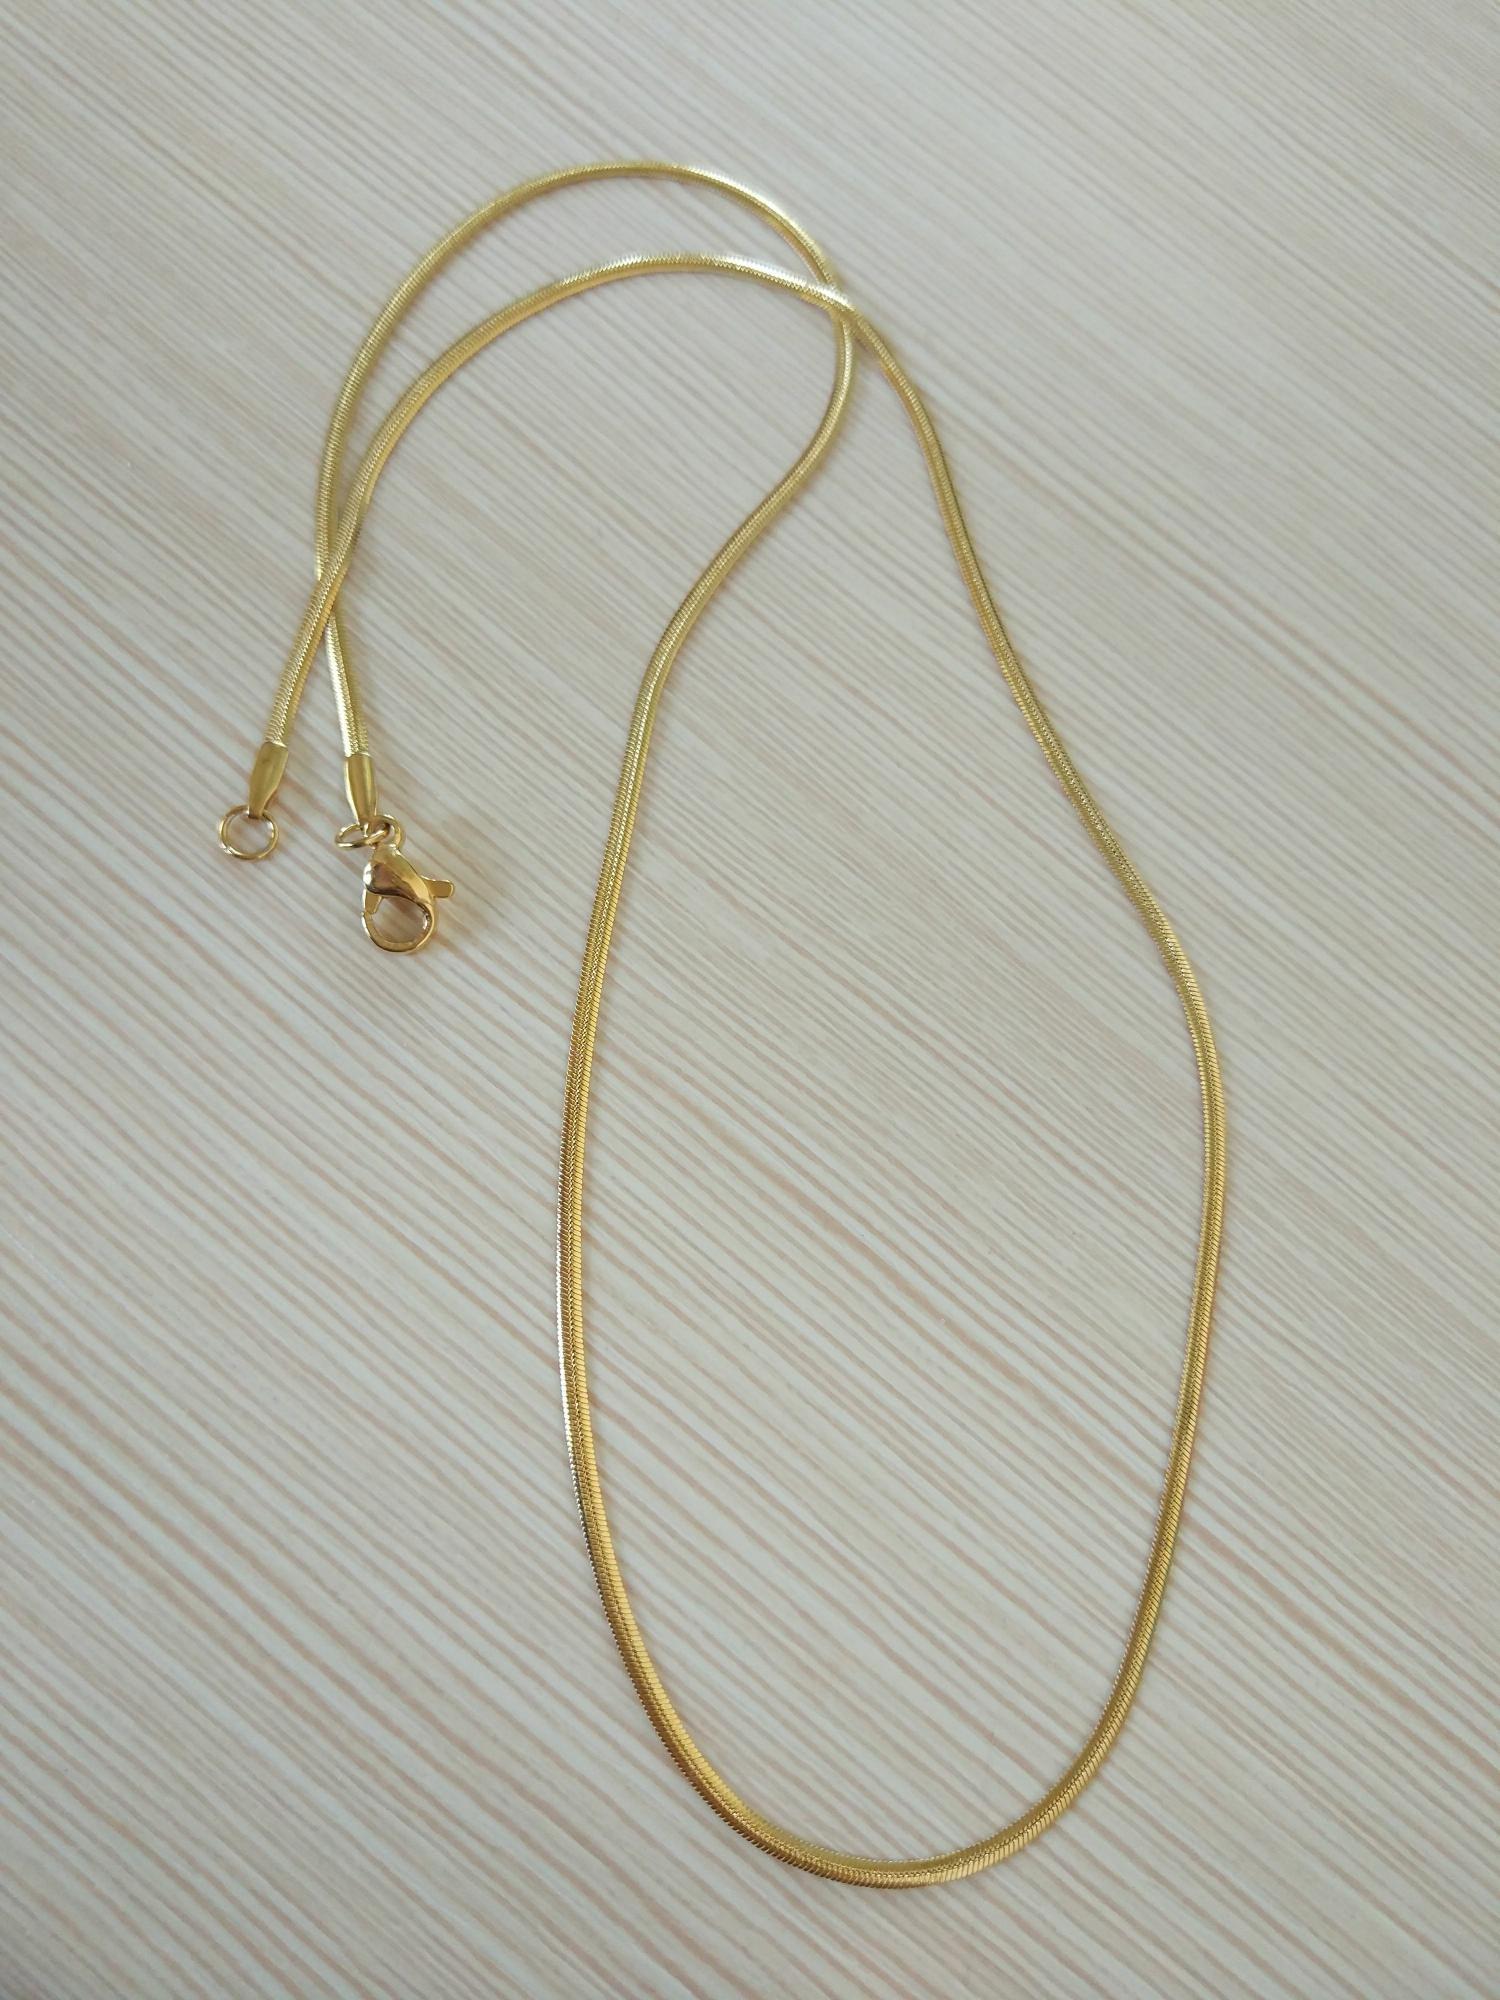 Kalung titanium import / kalung tipis dan elegant / kalung pria / wanita